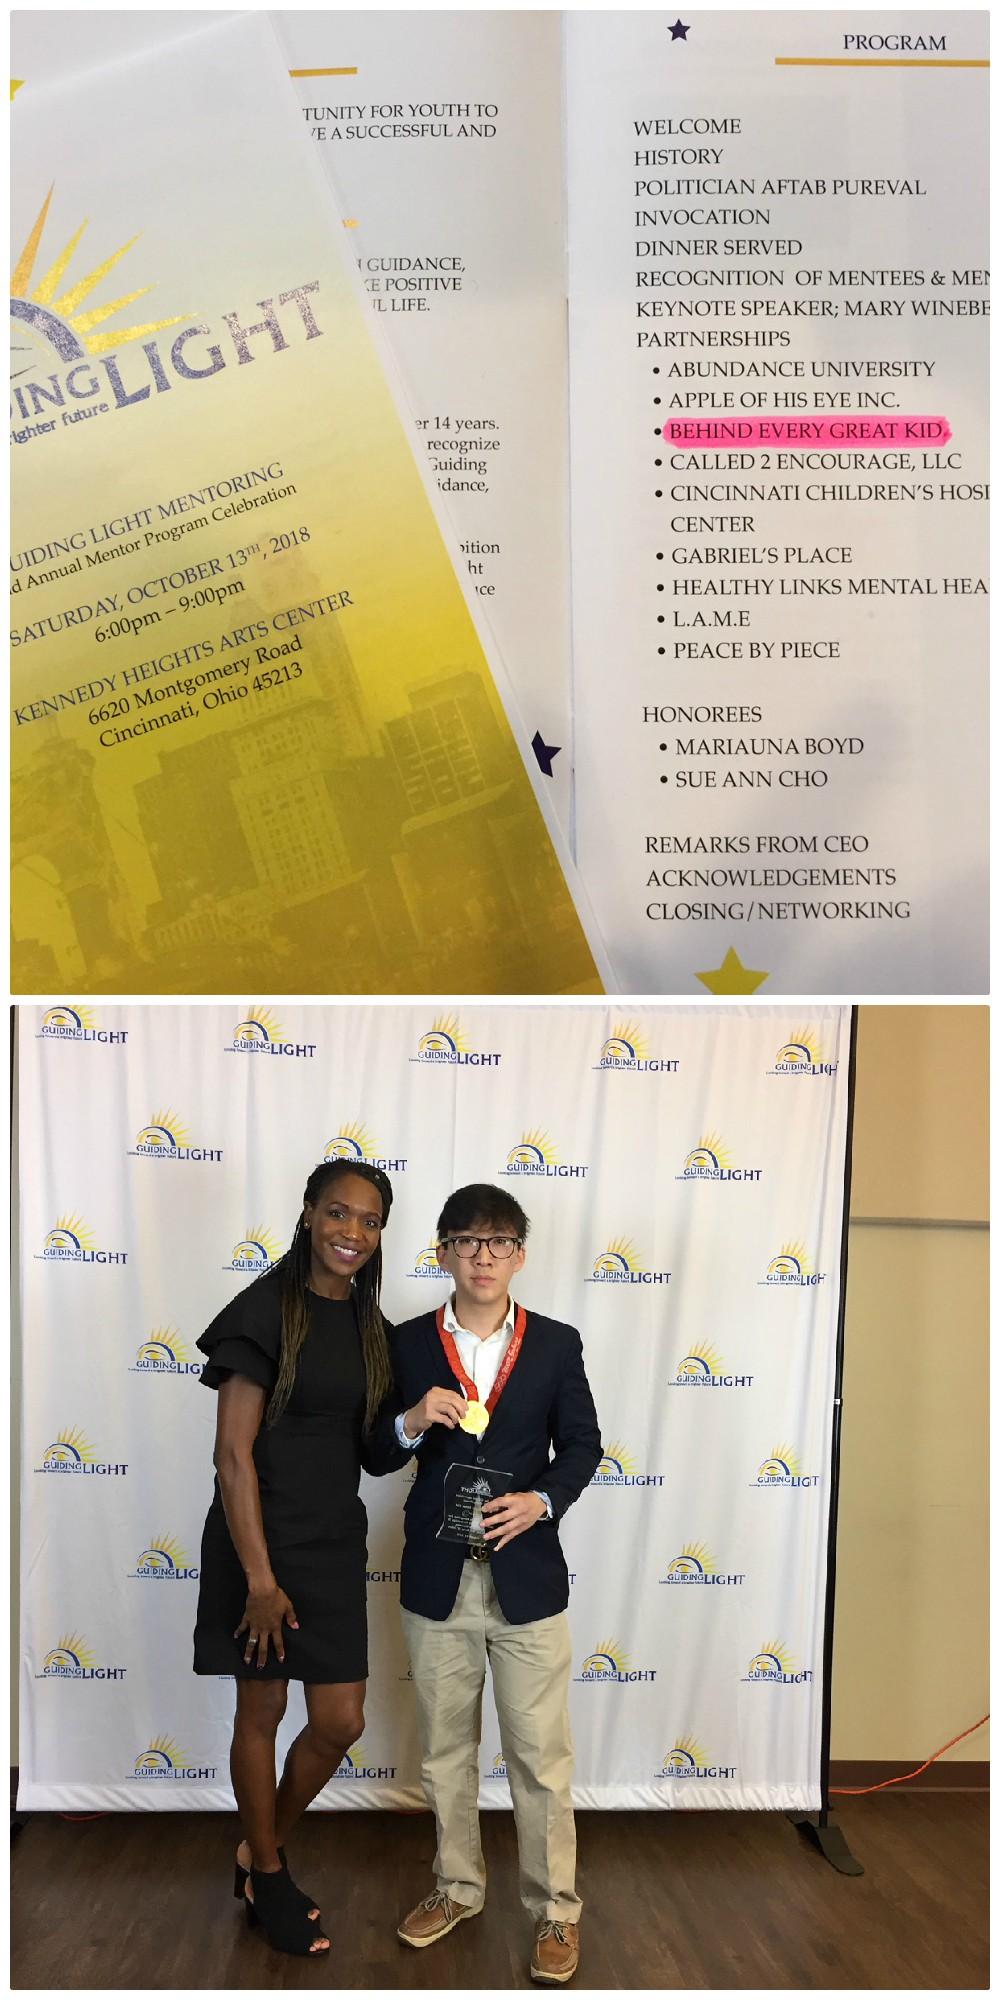 Guiding Light Mentoring Award